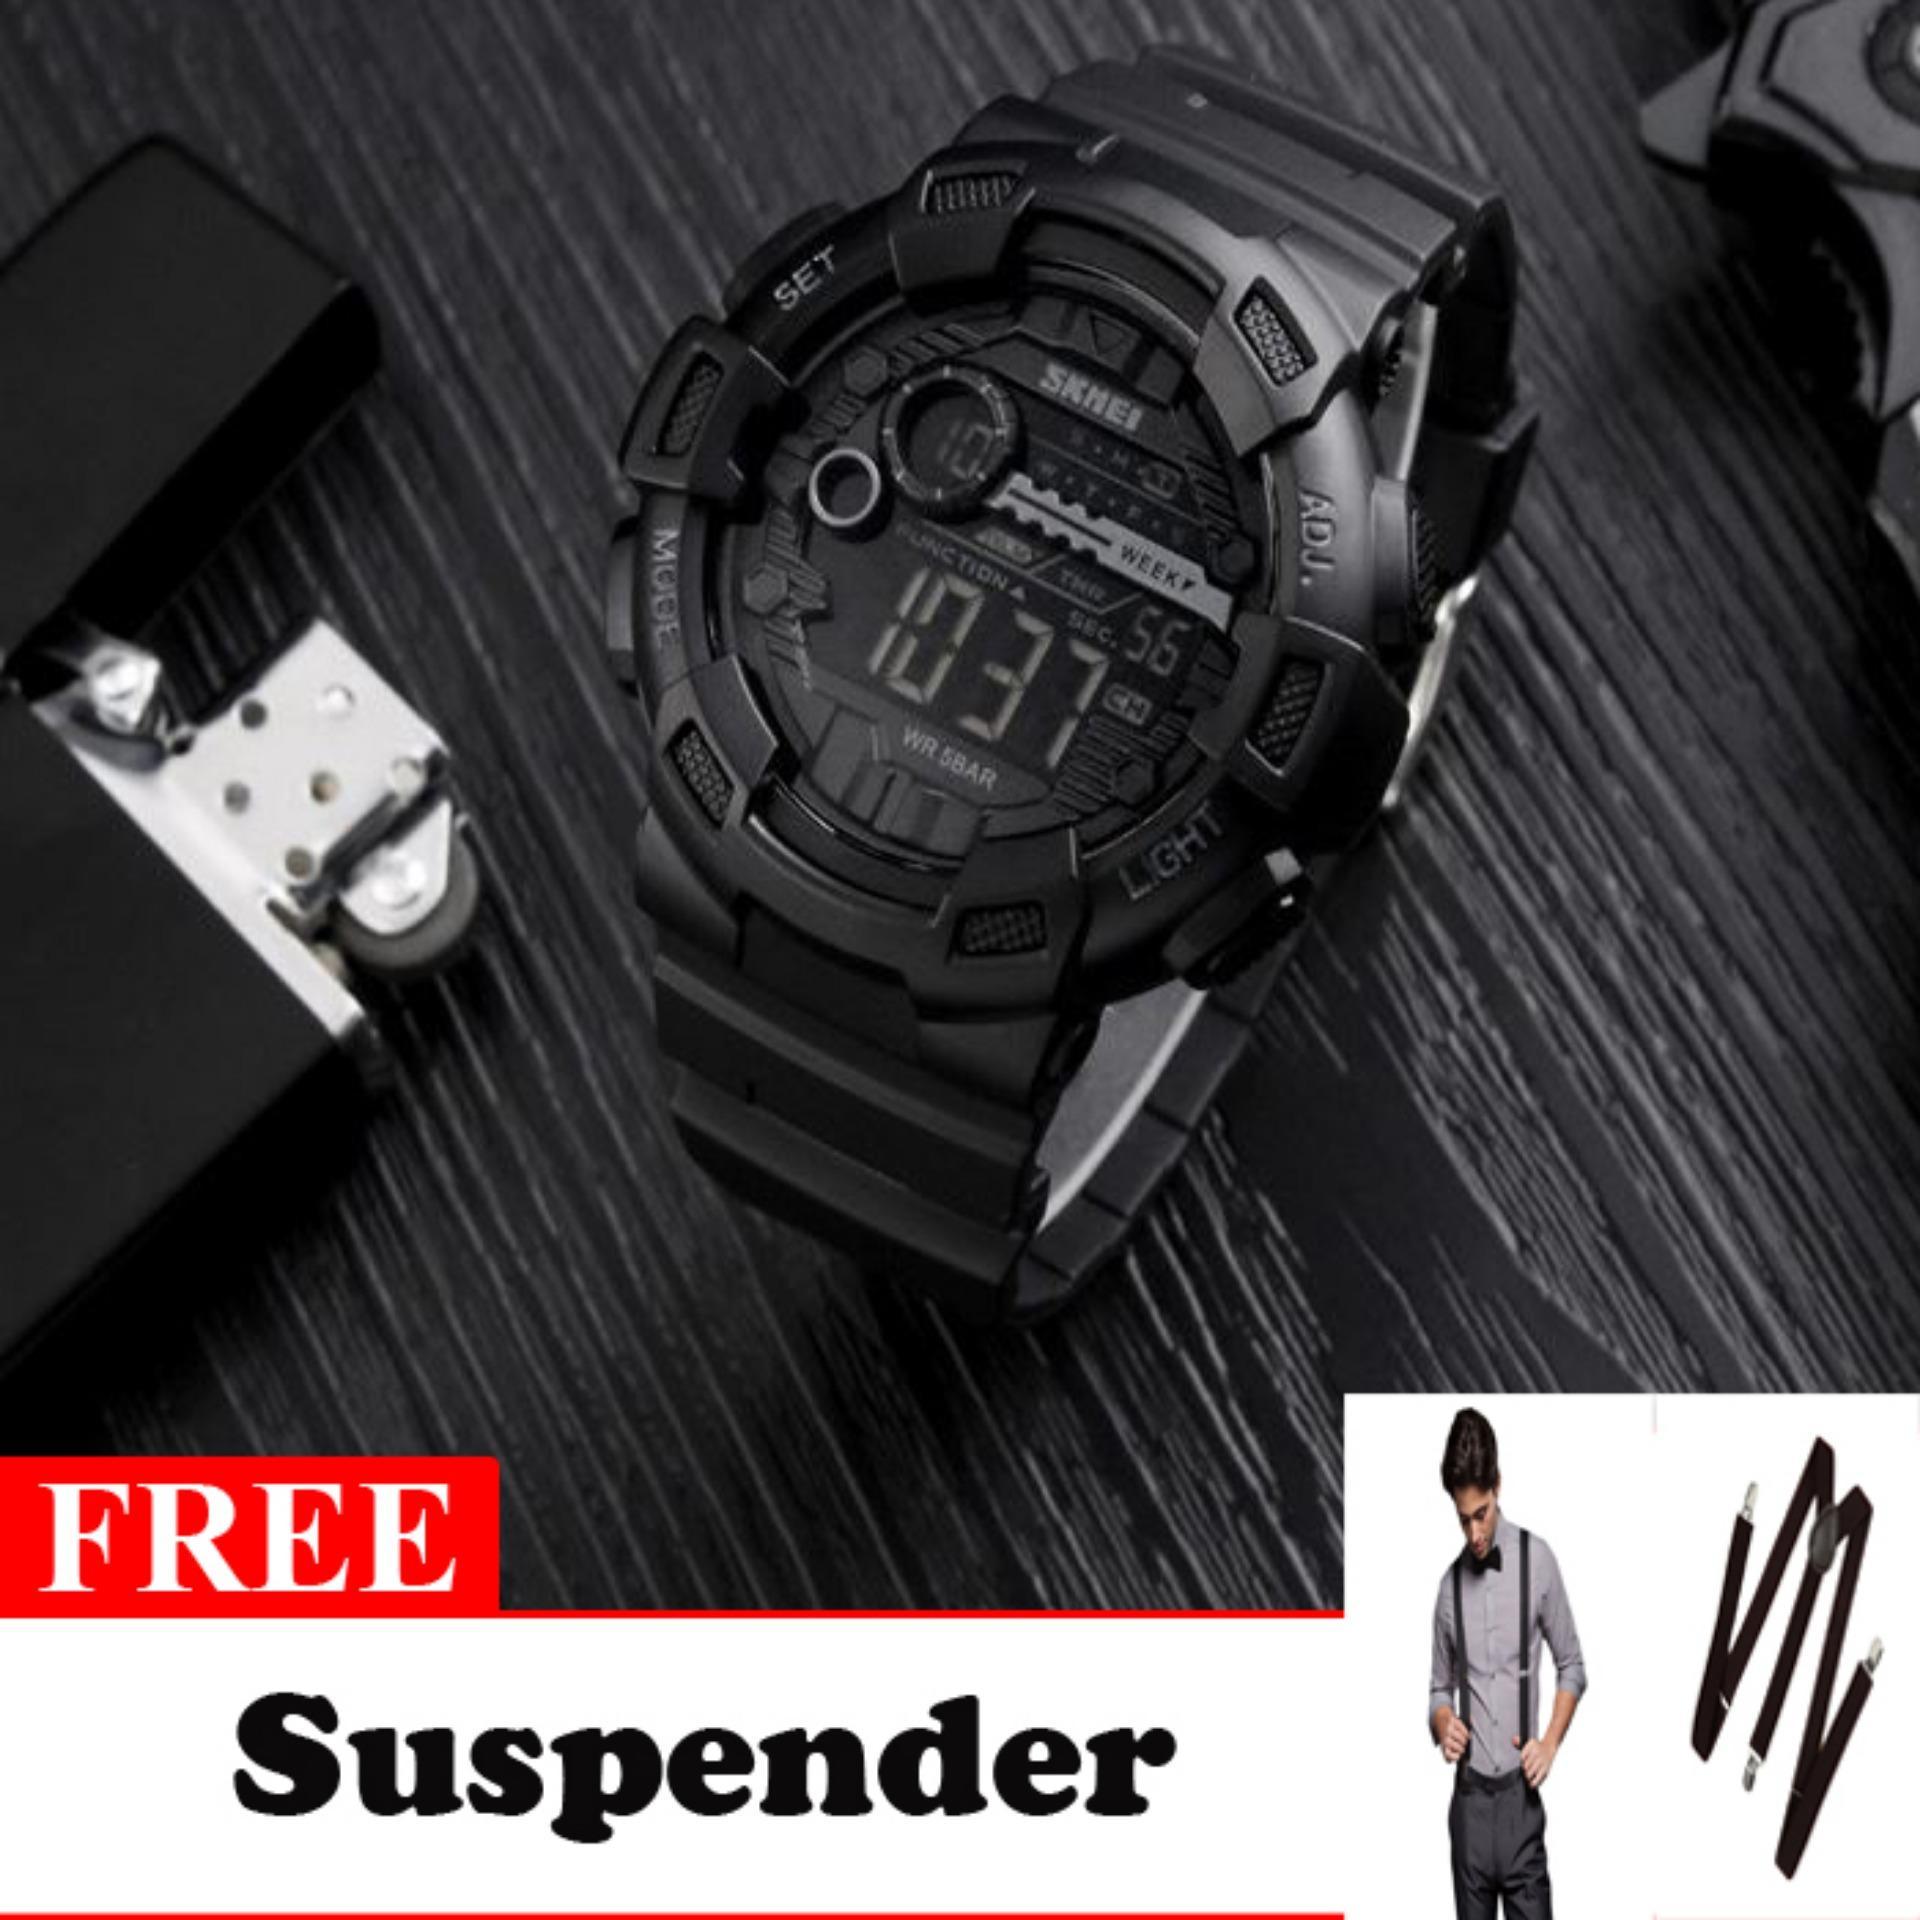 SKMEI Laser Hitam - Jam Tangan Pria - Strap Karet - 1243 Sport Black + Free Suspender Keren